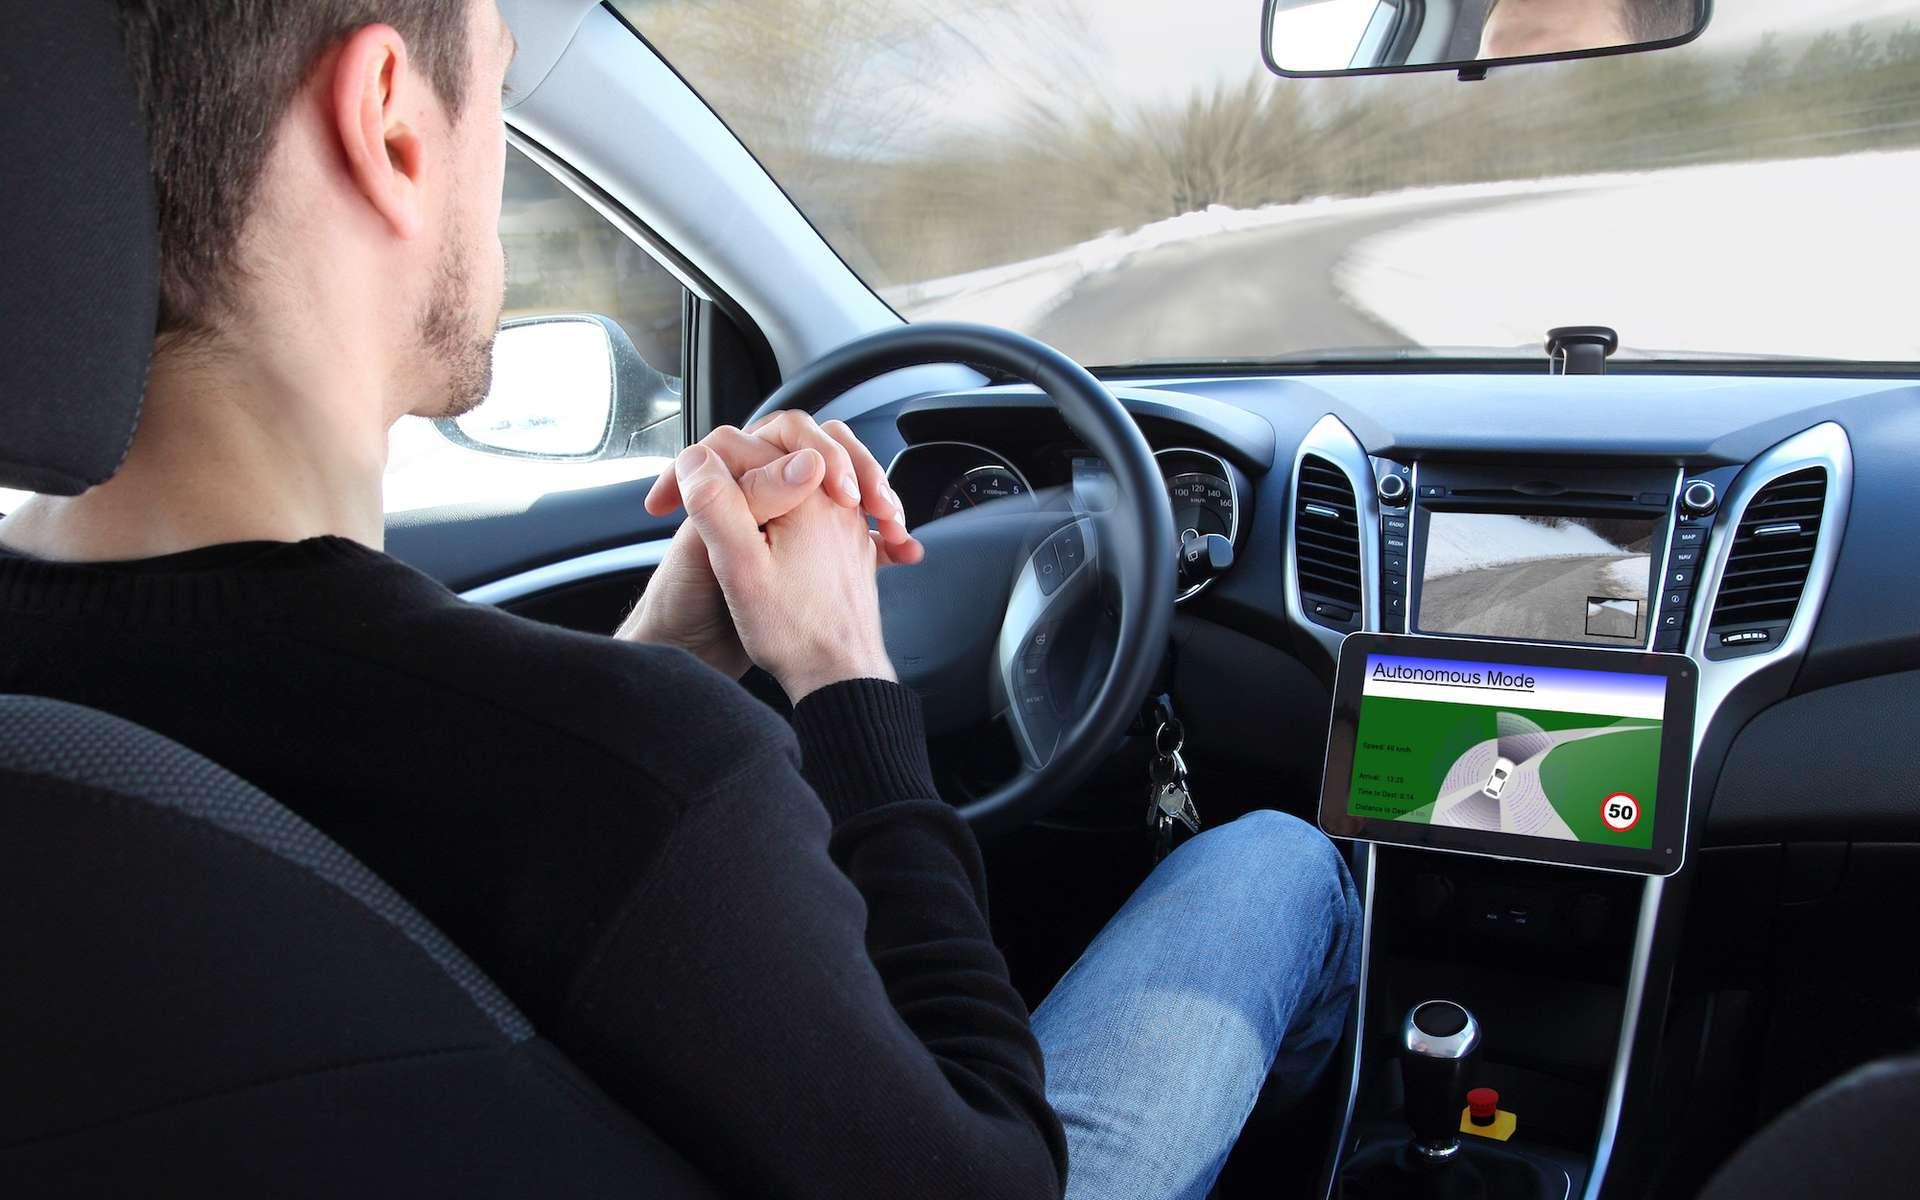 Dans la circulation, les voitures autonomes devront prendre des décisions. Certaines engageront la vie des personnes, à bord ou non. Les critères de choix dans ces situations devront être acceptés par les usagers. Ce qui ne sera peut-être pas simple. © Riopatuca, shutterstock.com